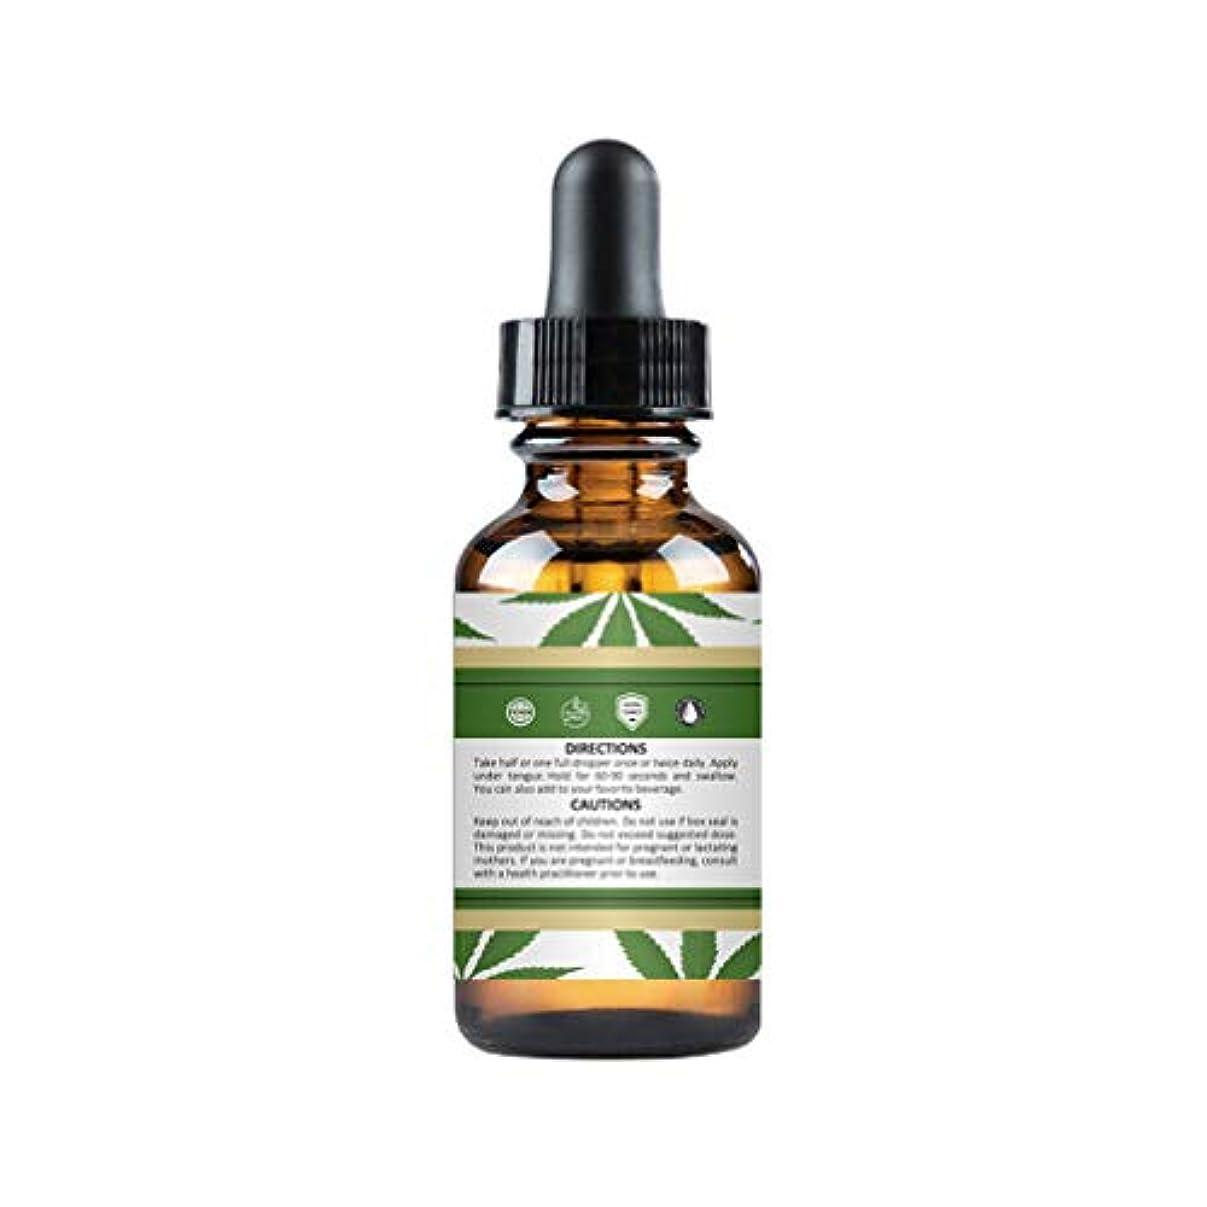 アデレードホバー羊飼い鎮痛のための有機麻オイル睡眠補助抗ストレス不安1000mg天然麻エキスが肌と髪に役立ちます (1000mg)